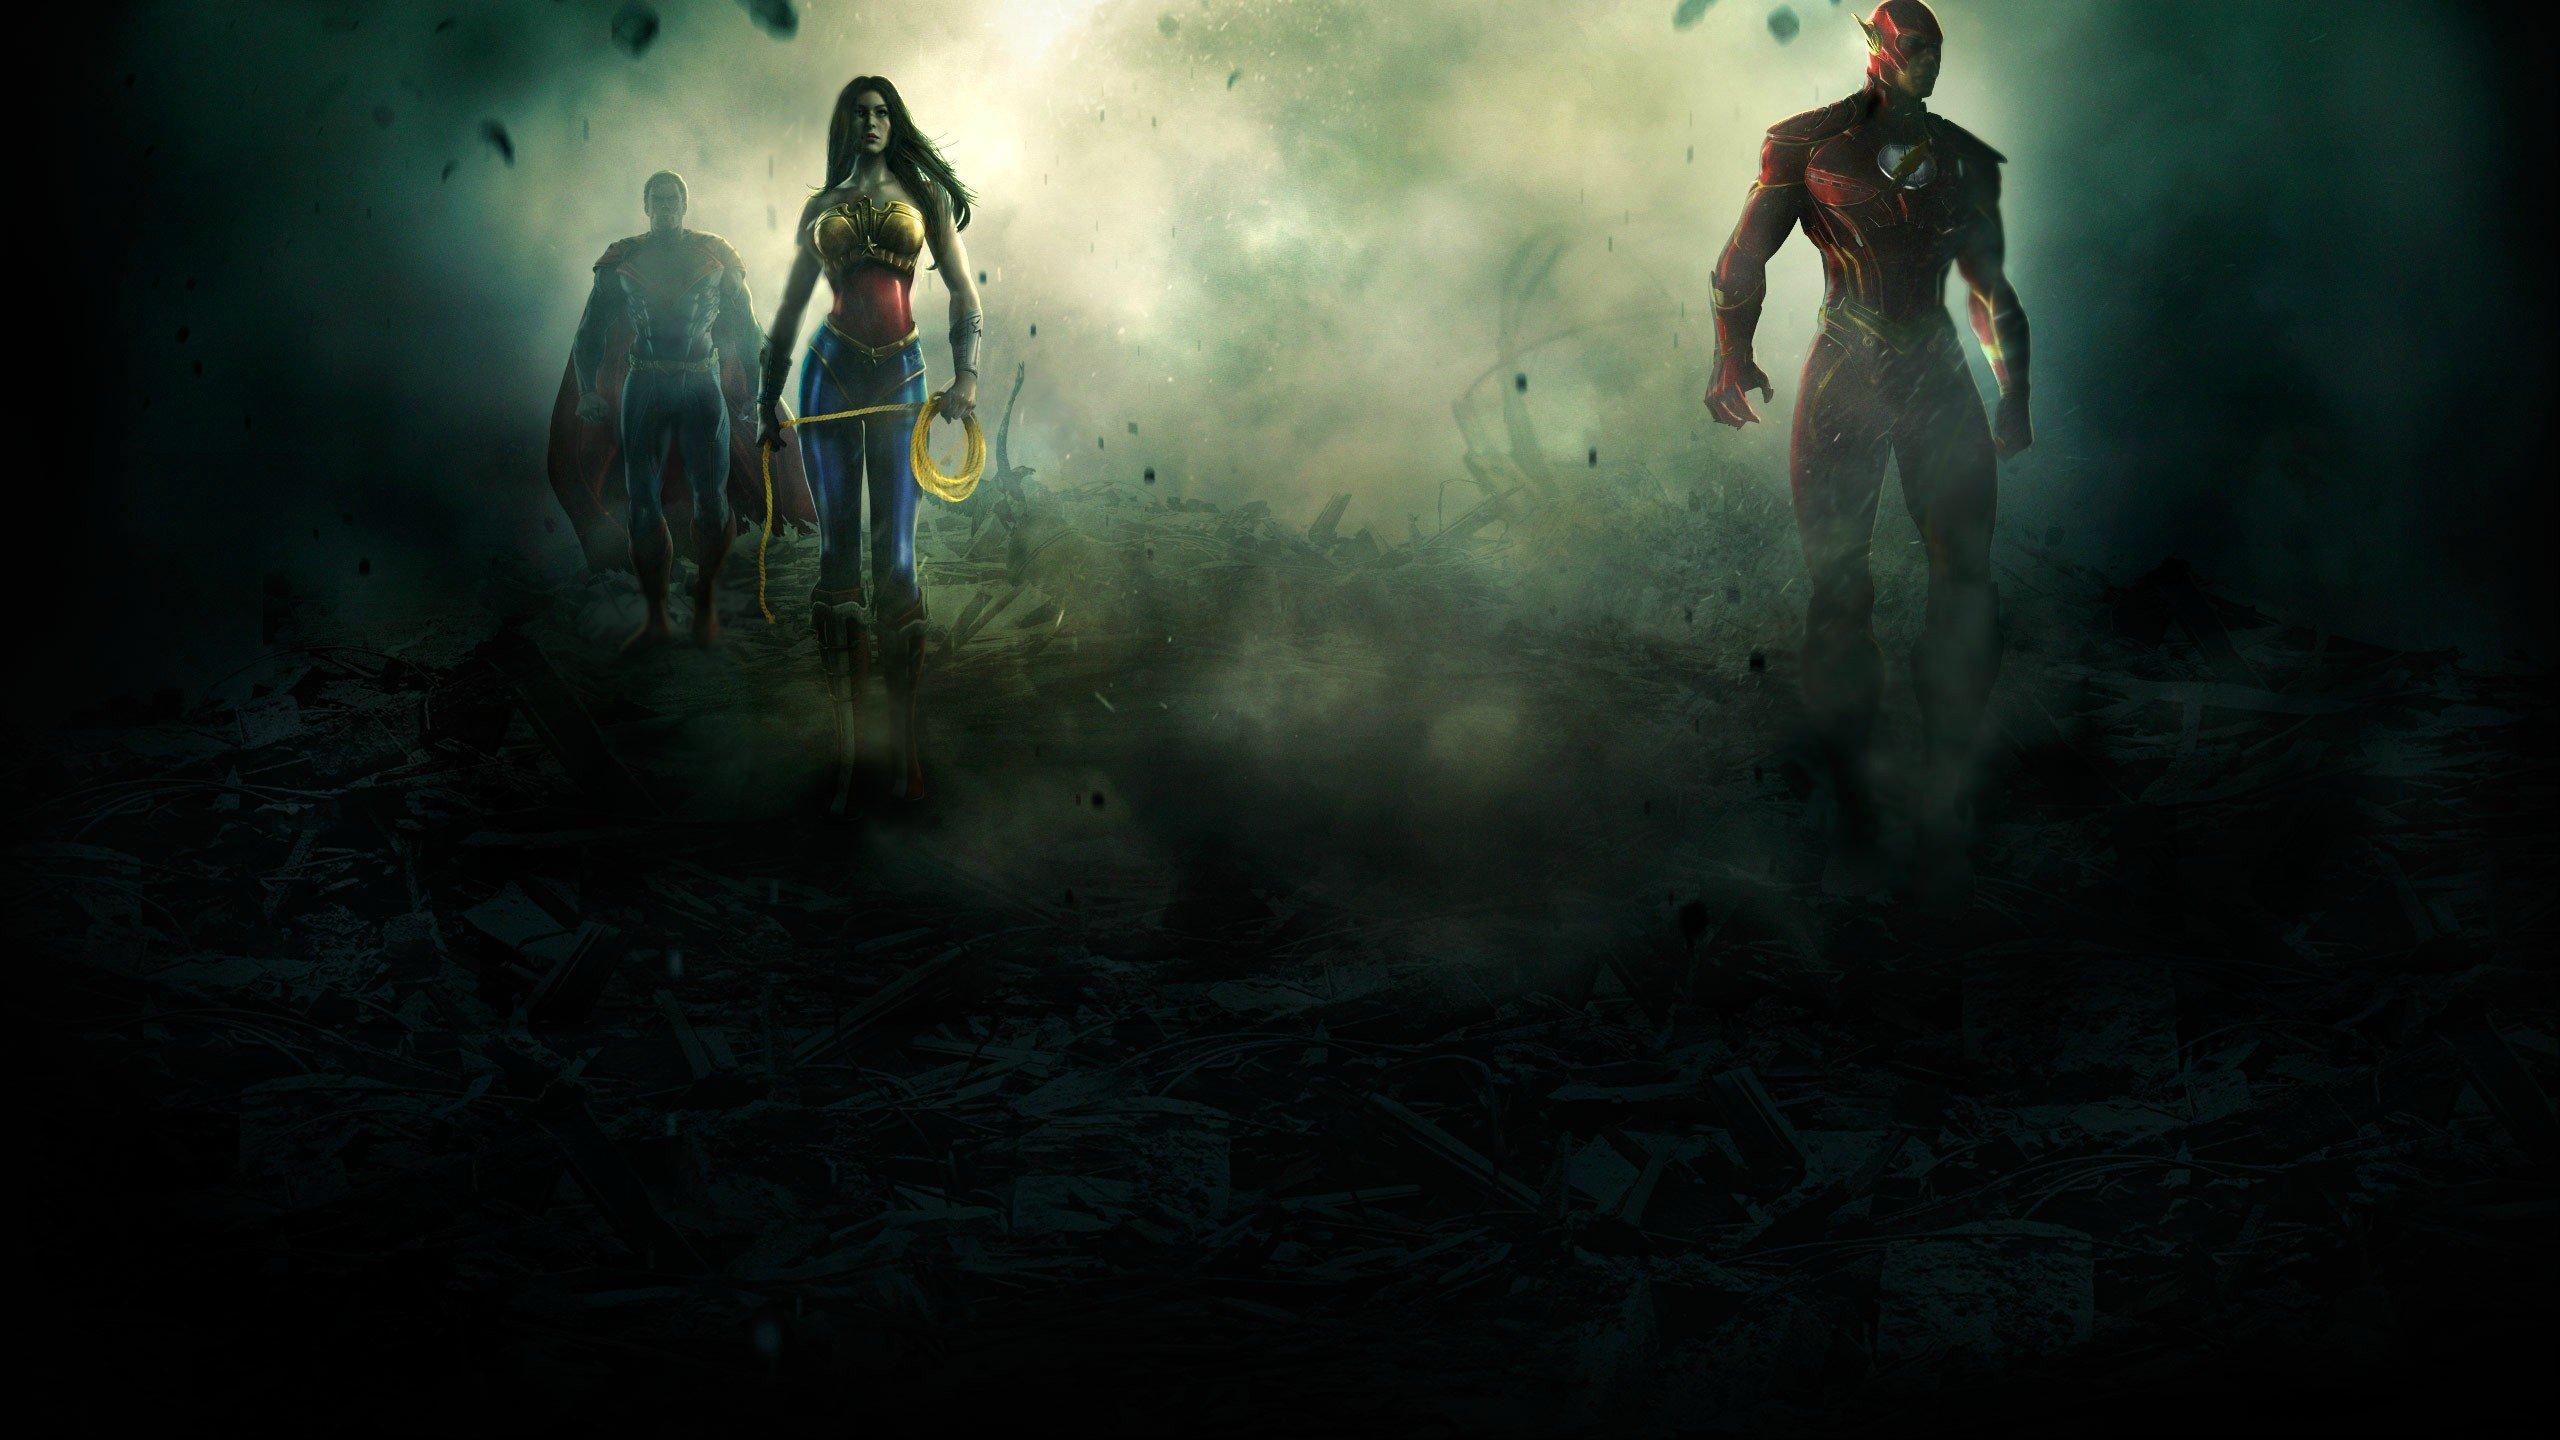 Сегодня состоялся анонс нового файтинга по вселенной DC Comics под названием Injustice: Gods Among Us. Разрабатываем ... - Изображение 2